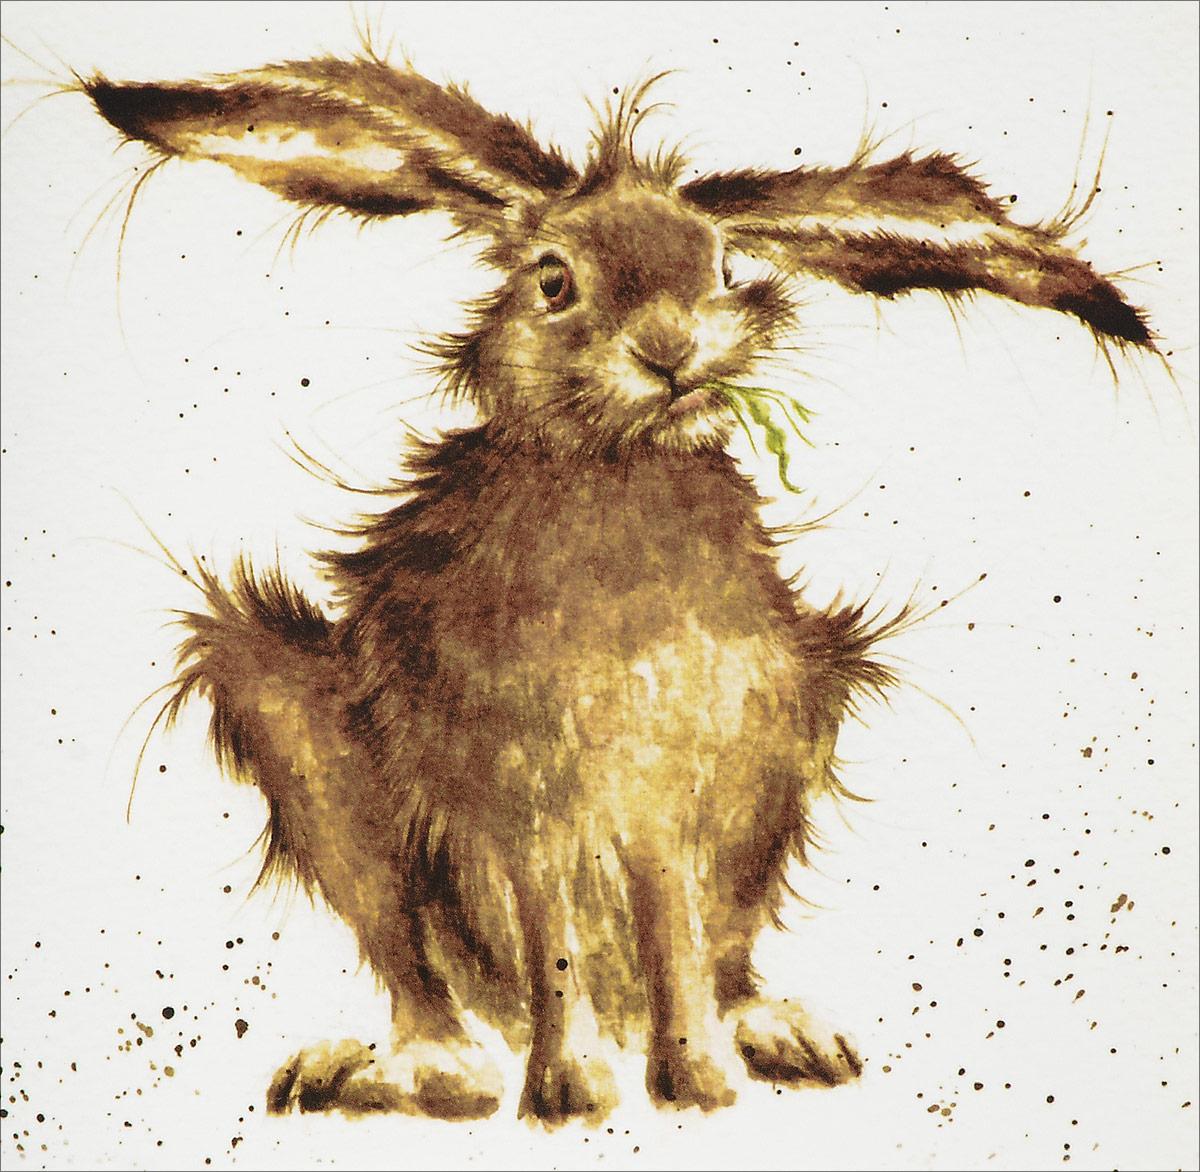 """Оригинальная поздравительная открытка Даринчи """" 26""""  выполнена из плотного картона. На лицевой стороне  расположено оригинальное изображение кролика.  Необычная открытка в винтажном стиле поможет вам  выразить чувства и передать теплые поздравления. Такая открытка станет великолепным дополнением к  подарку или почтовым посланием, которое, несомненно,  удивит получателя своим дизайном и подарит приятные  воспоминания."""